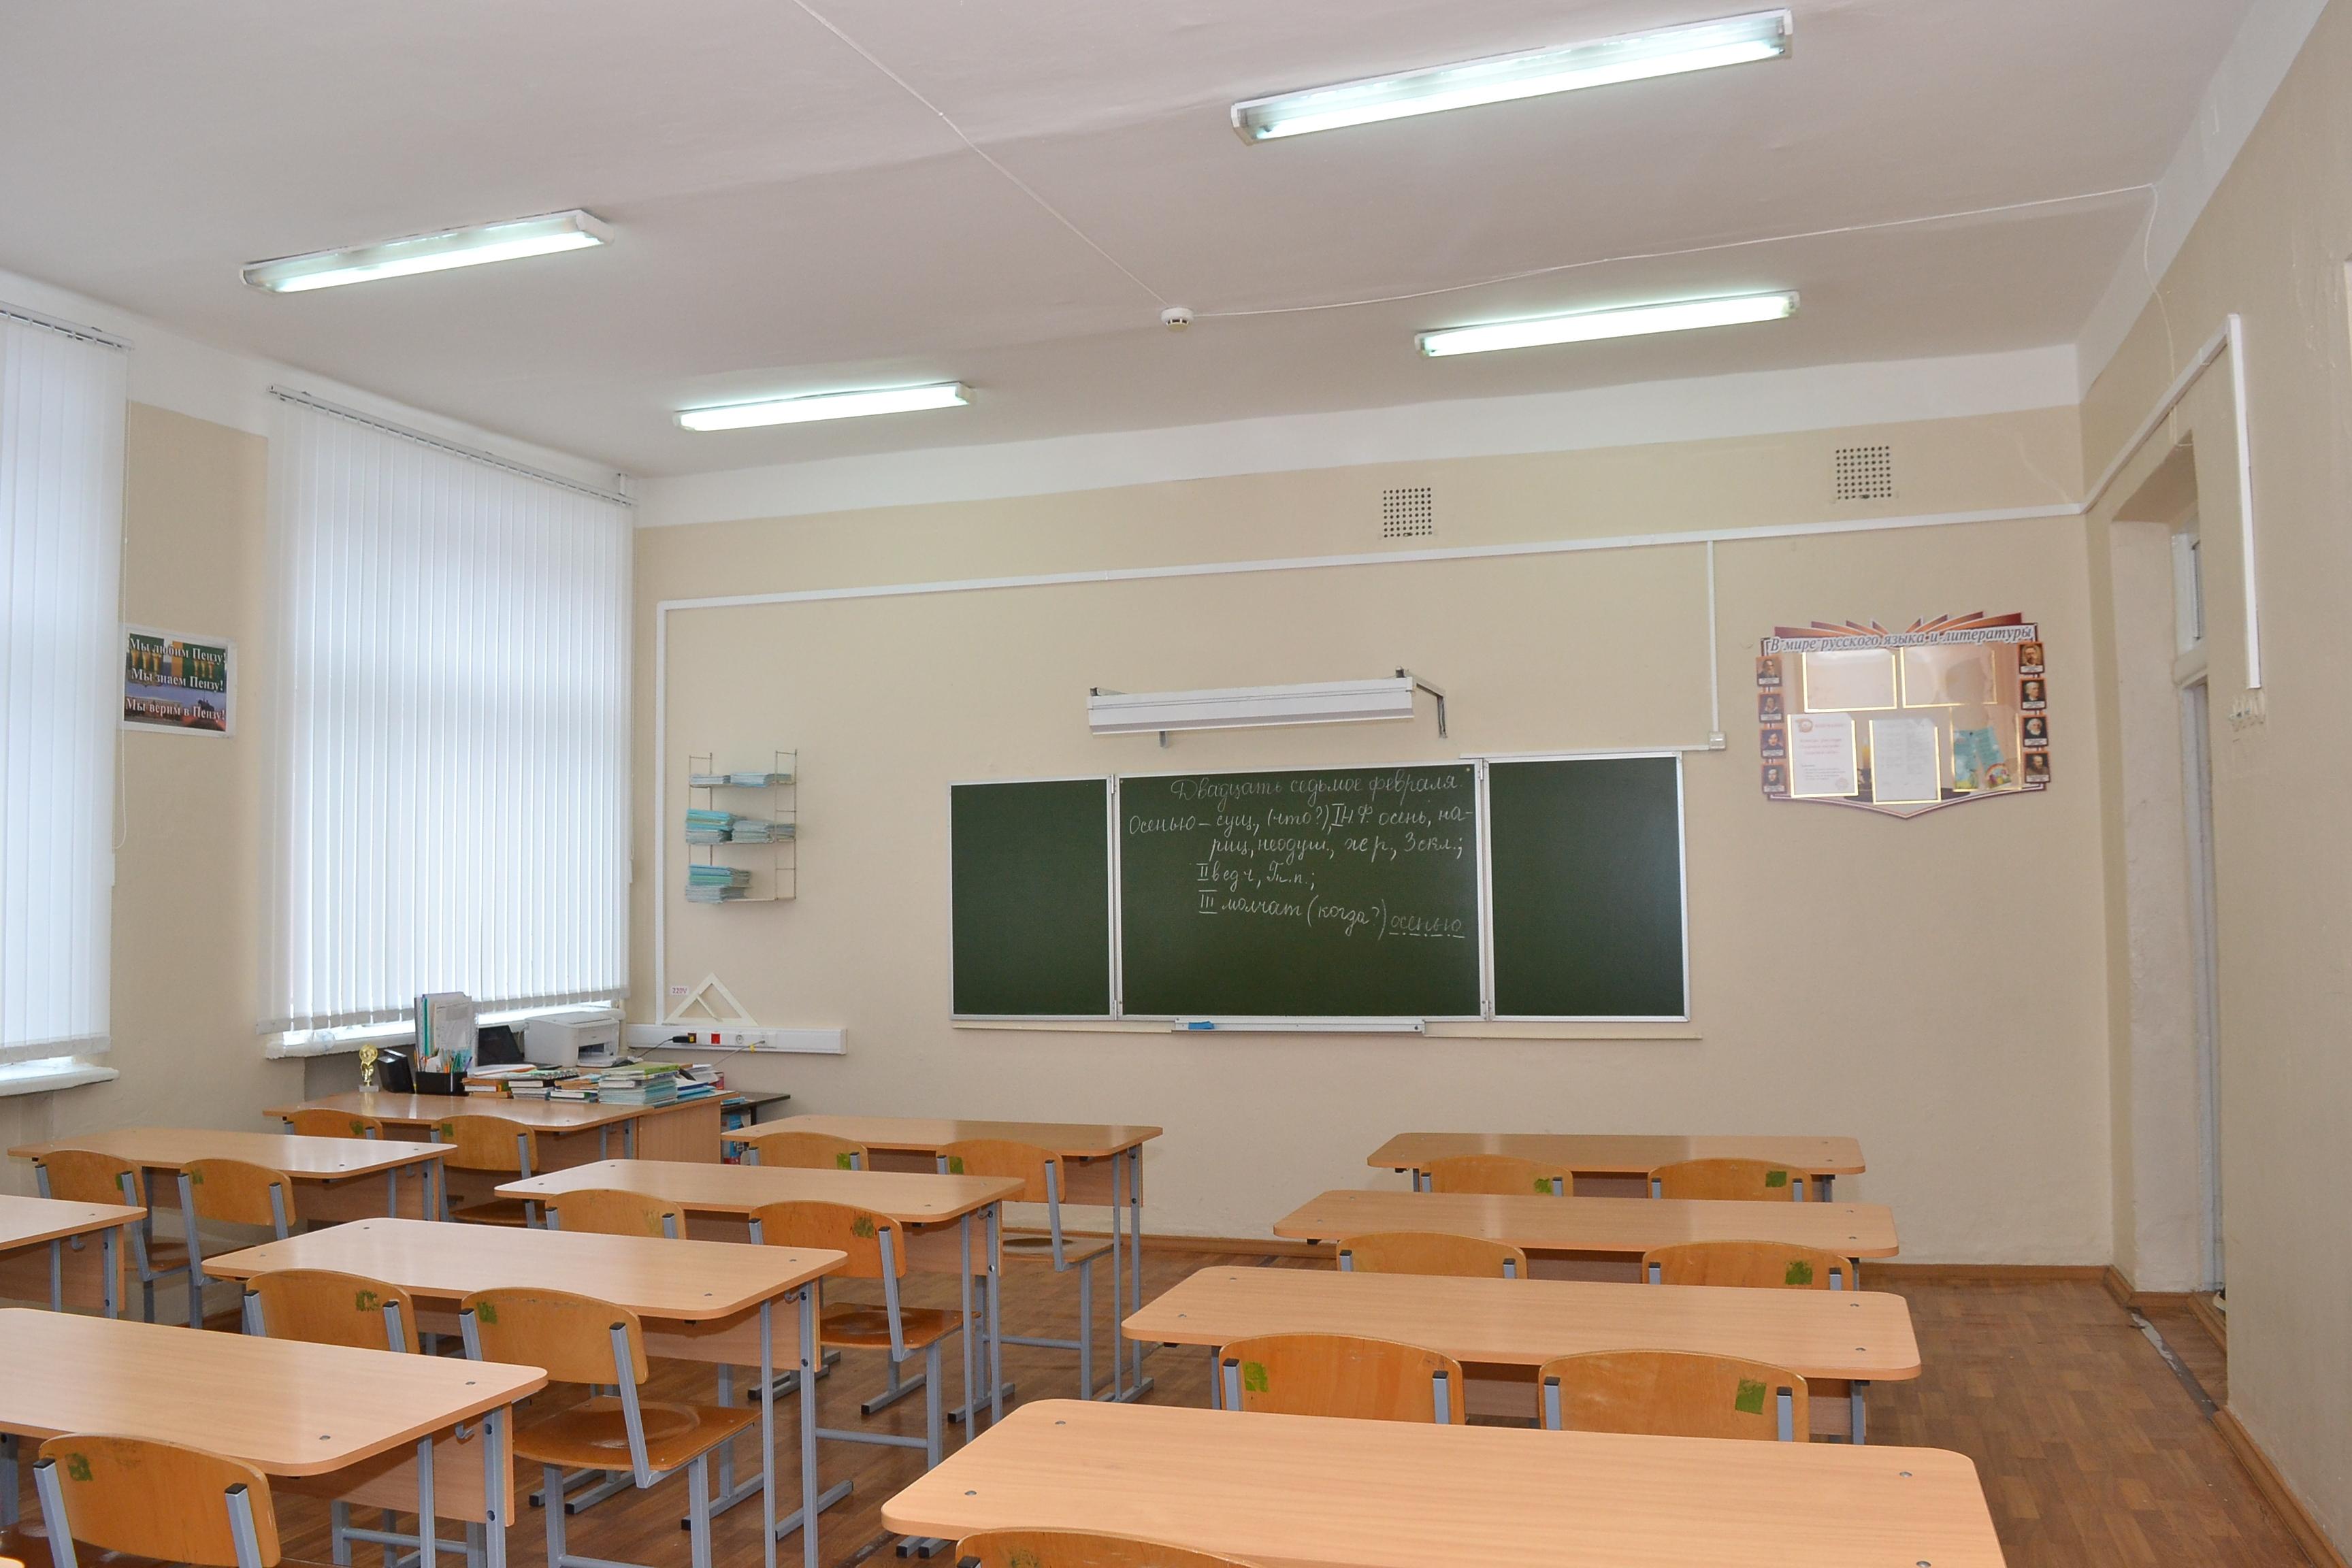 Кабинет № 36 - русский язык и литература